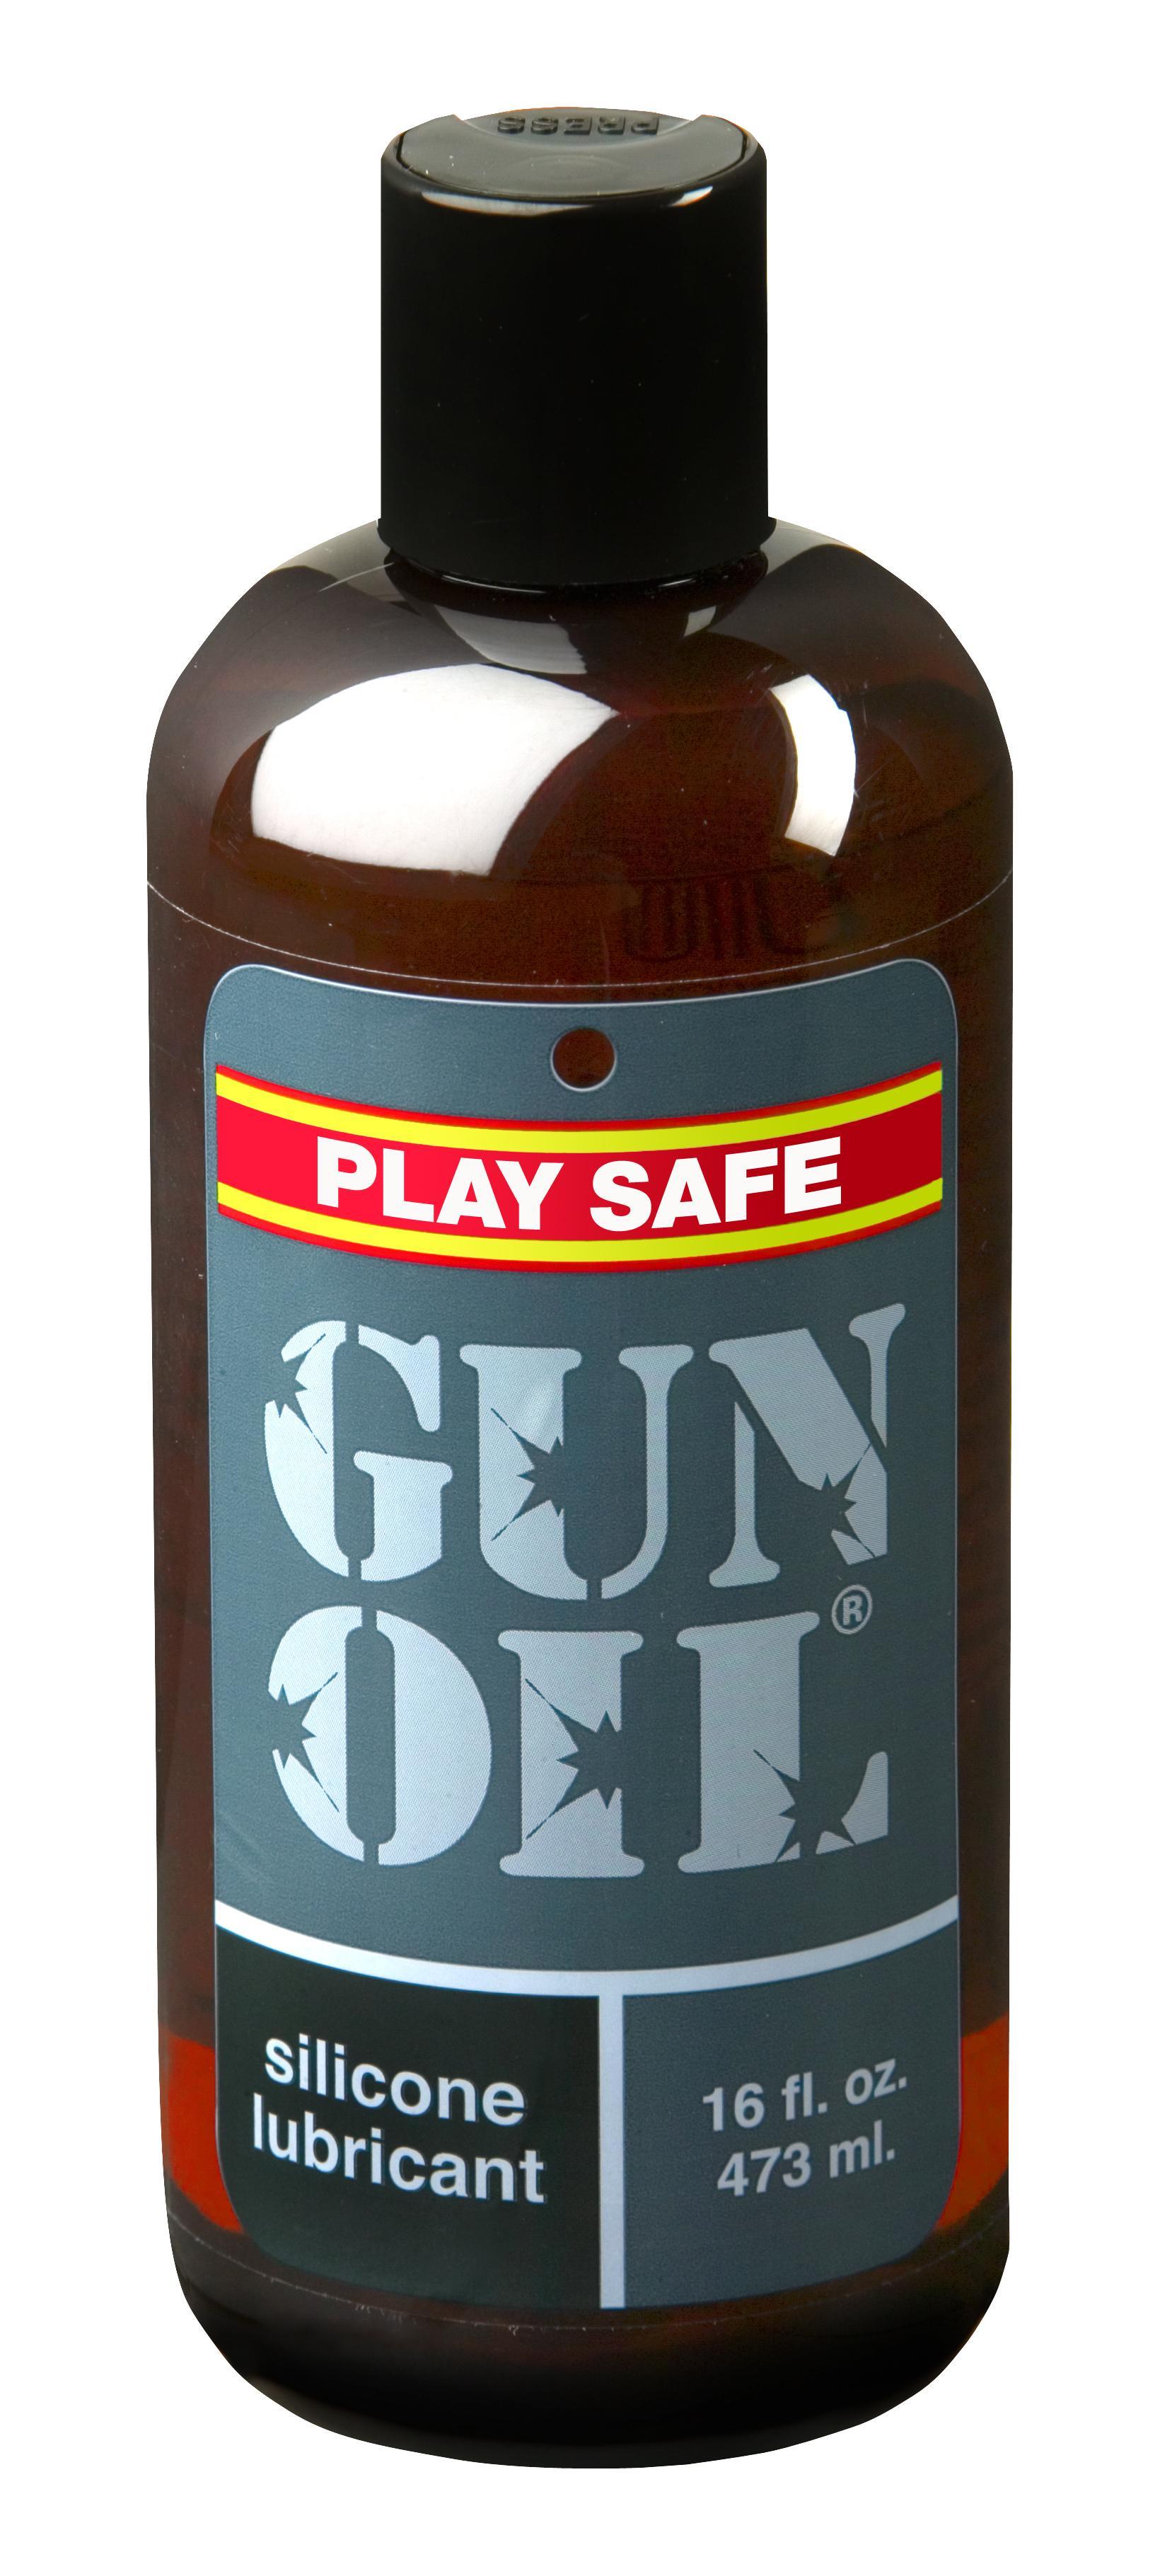 GUN OIL LUBRICANT 16.OZ